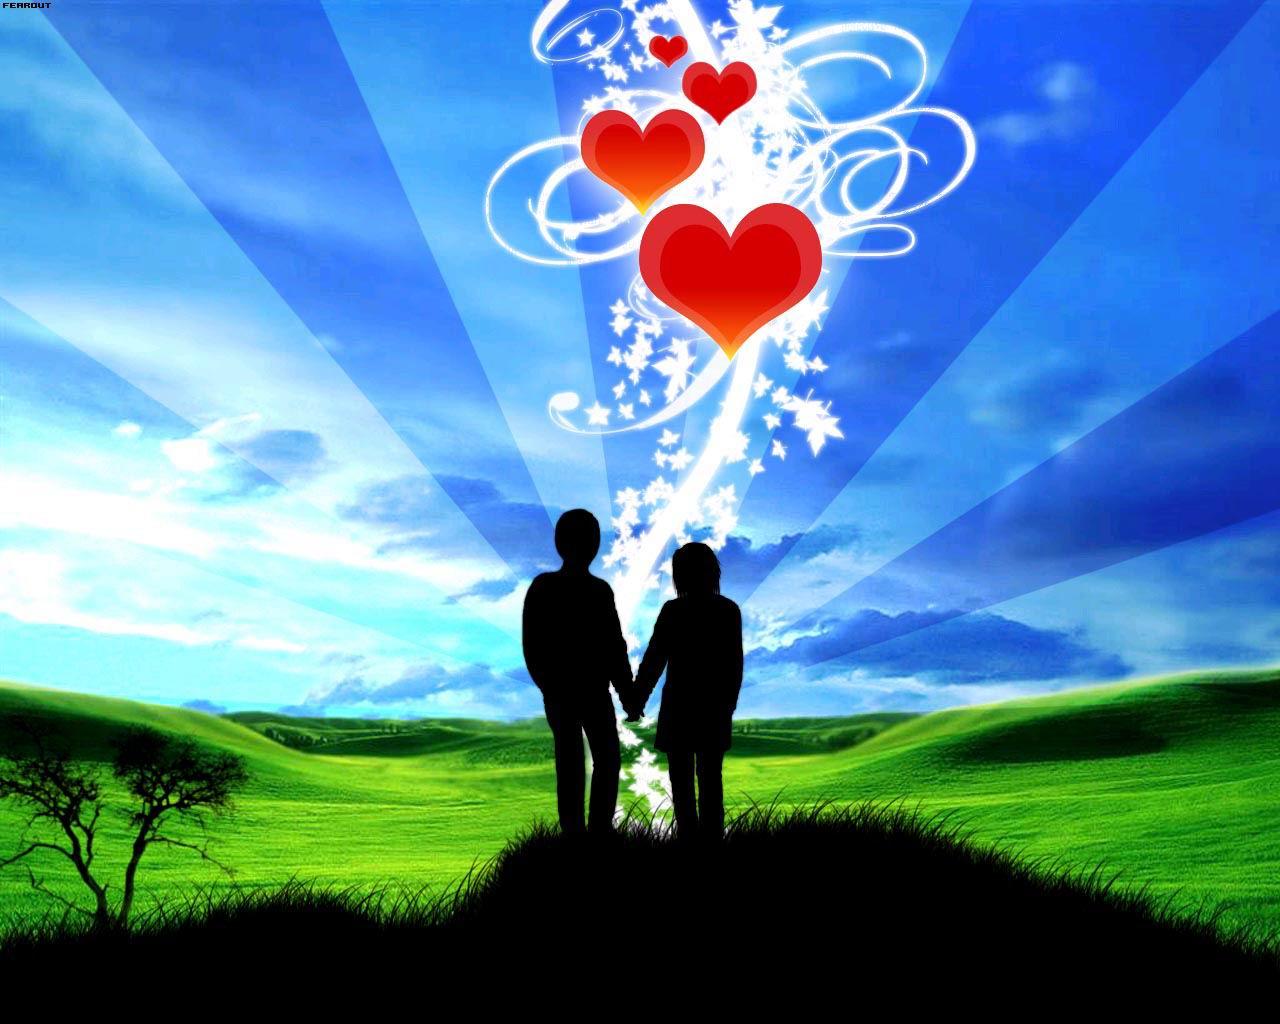 صورة كيف تعرف انك تحب , الحب نبض الحياة